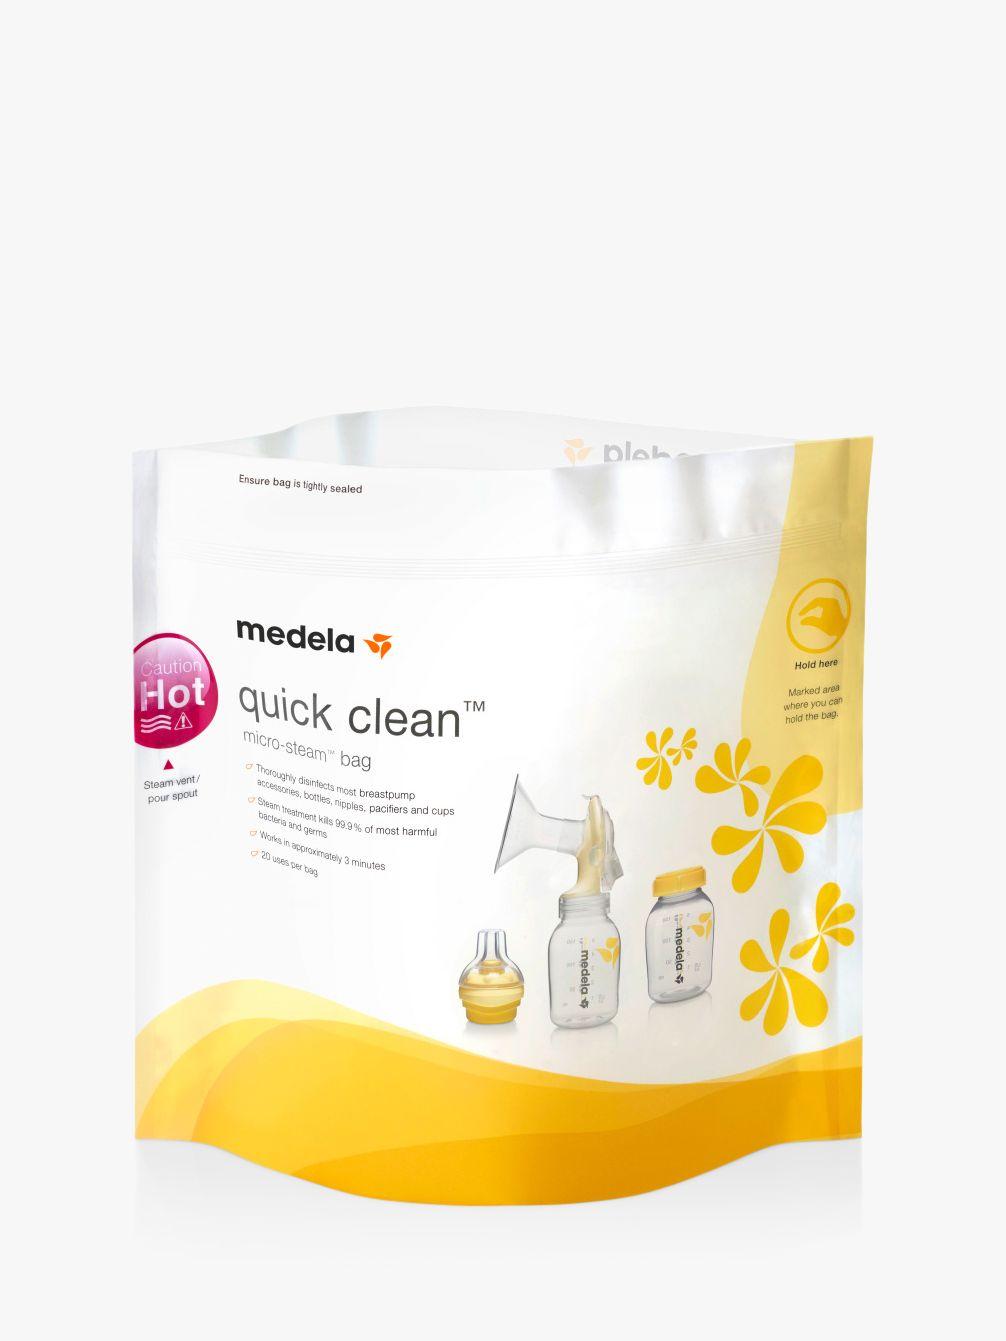 Medela Medela Quick, Clean Microwave Bags, Pack of 5